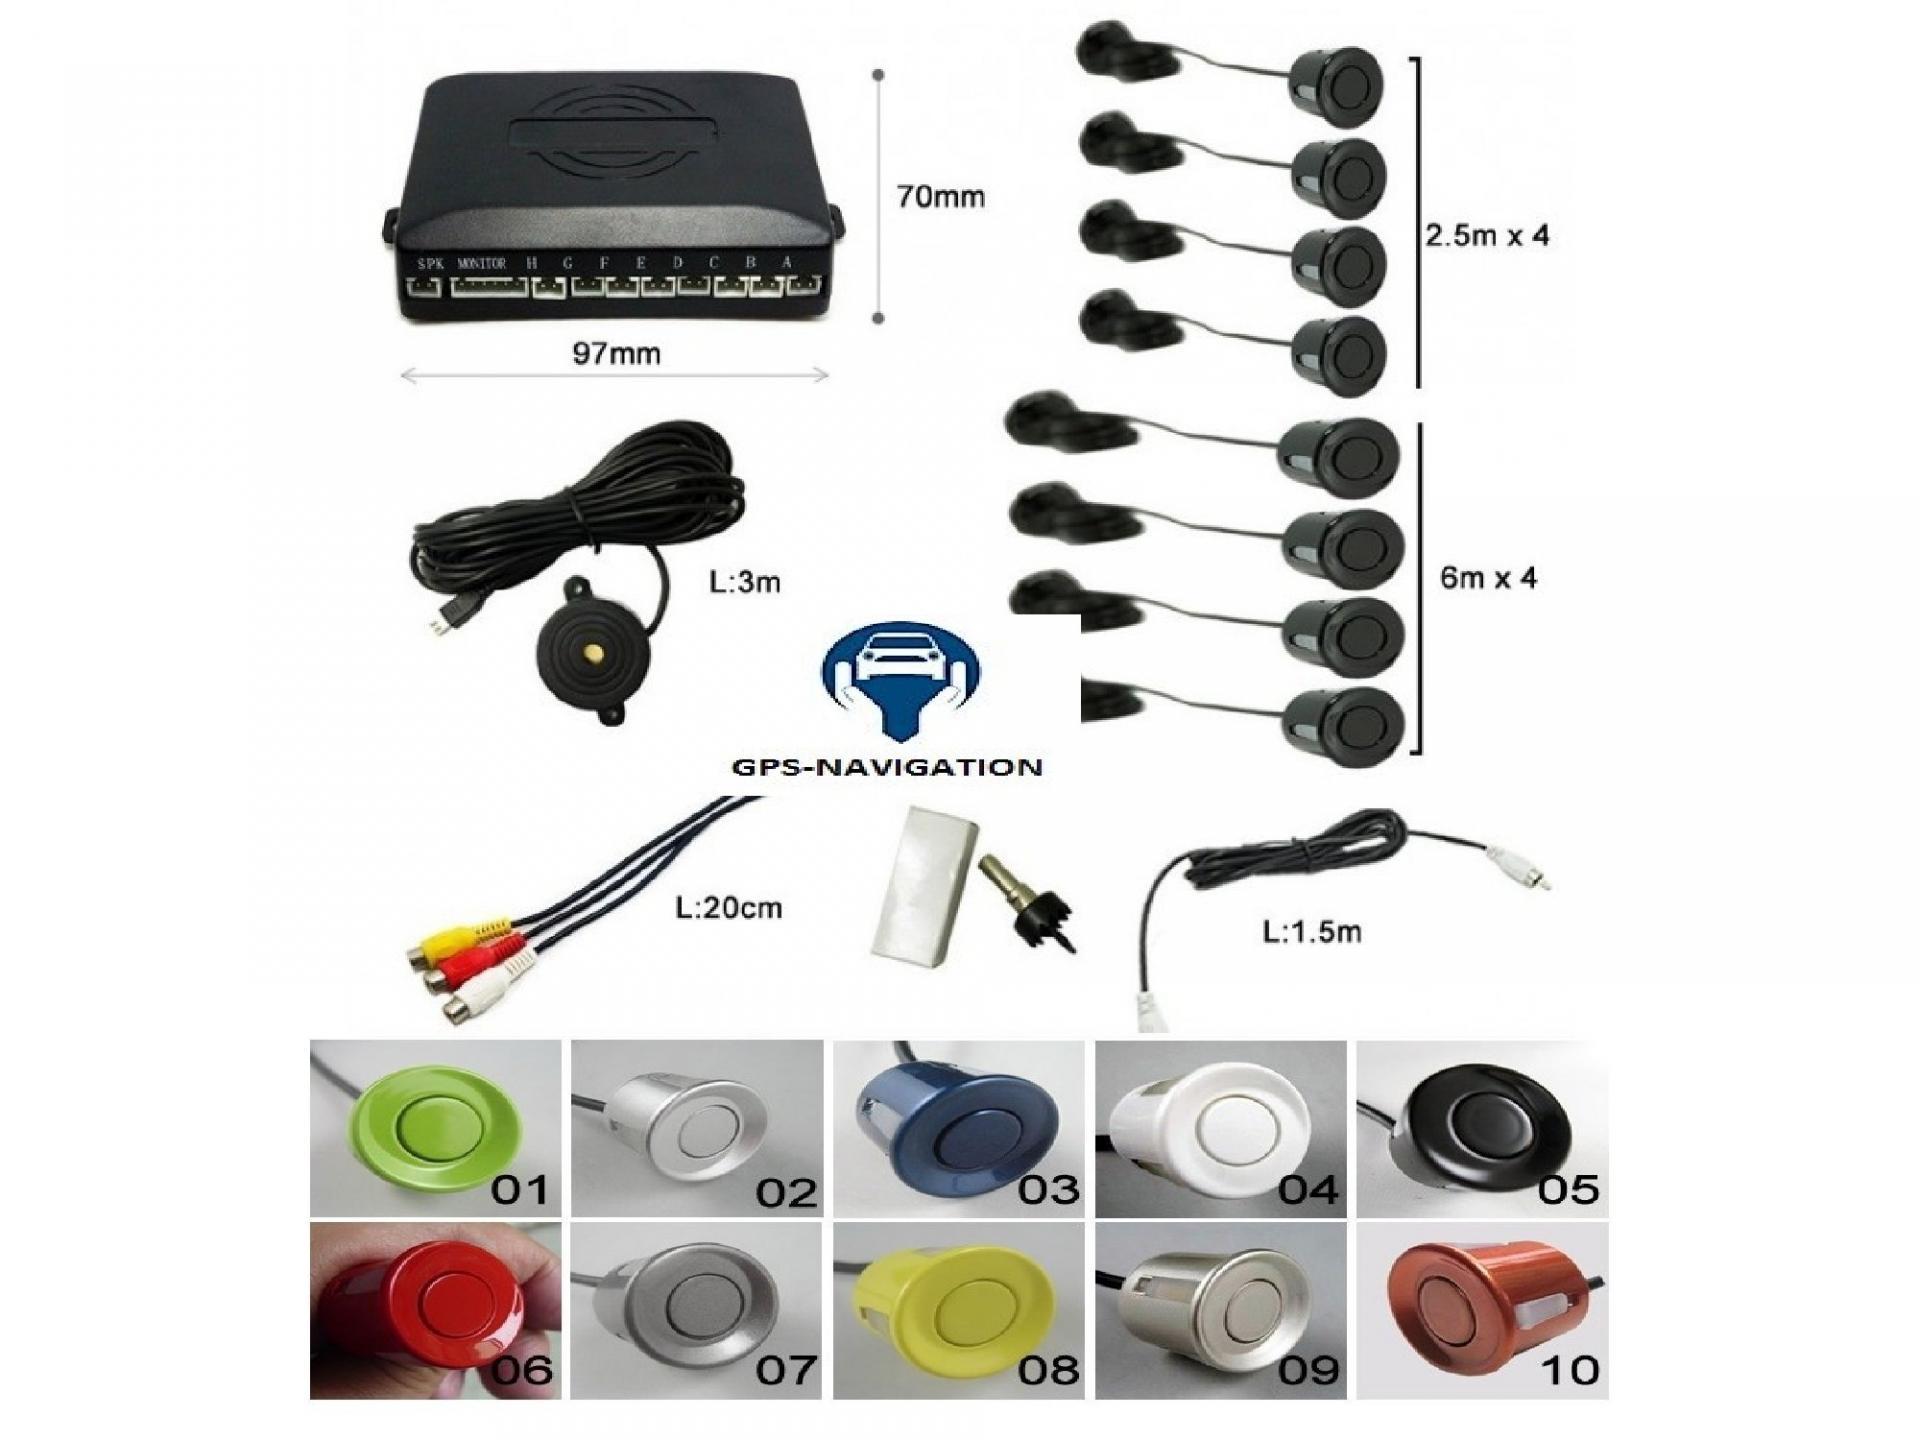 Gps navigation fr affichage video camera avant arriere radars avant arriere plusieurs couleurs trepan 3